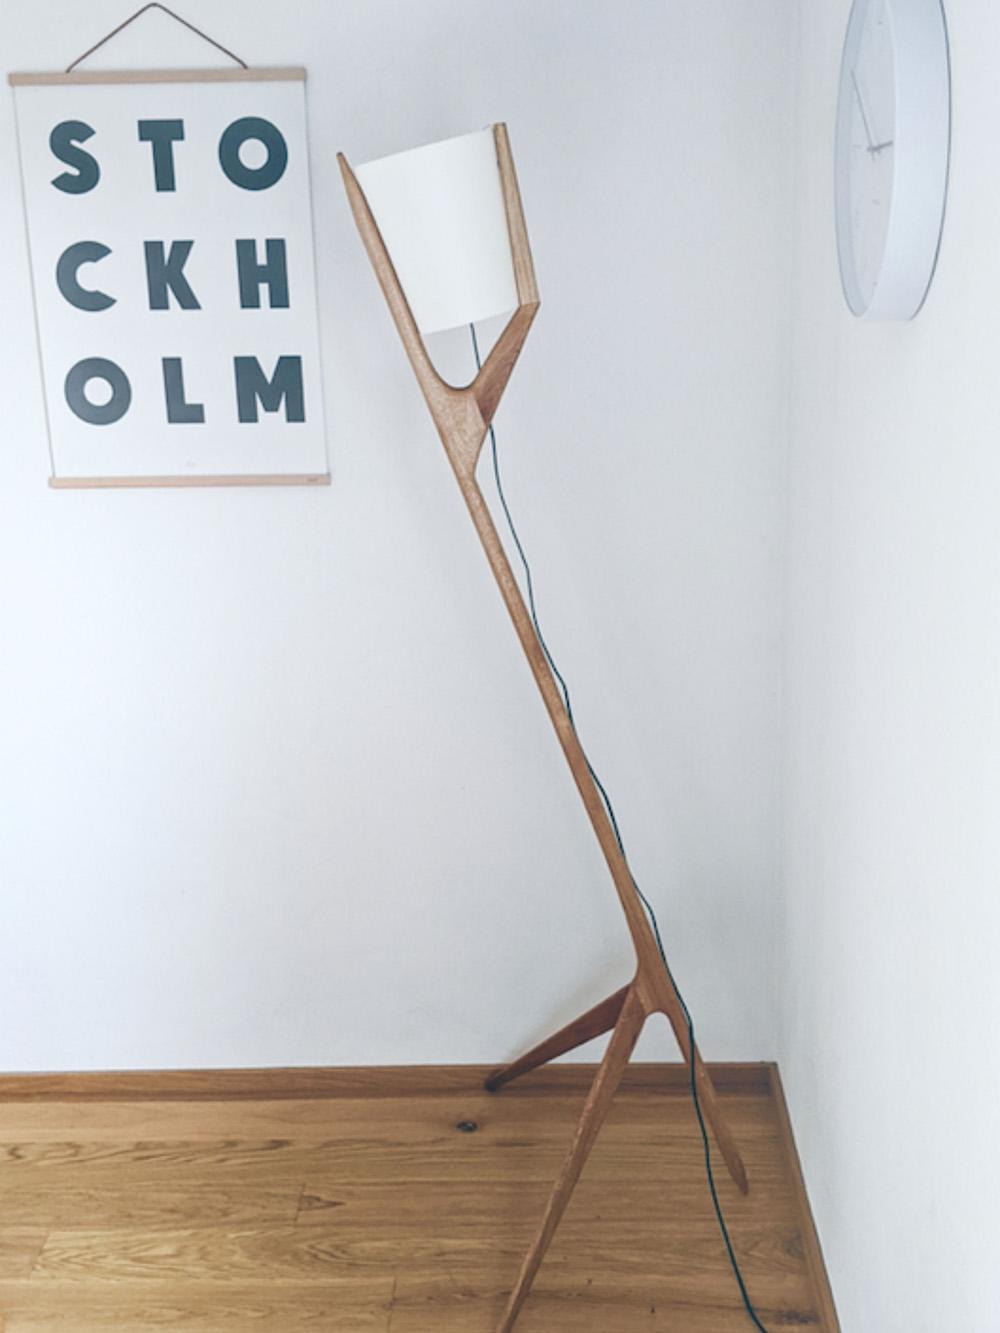 WoodHock Designprojekte Unikate Holzmöbel Designmöbe